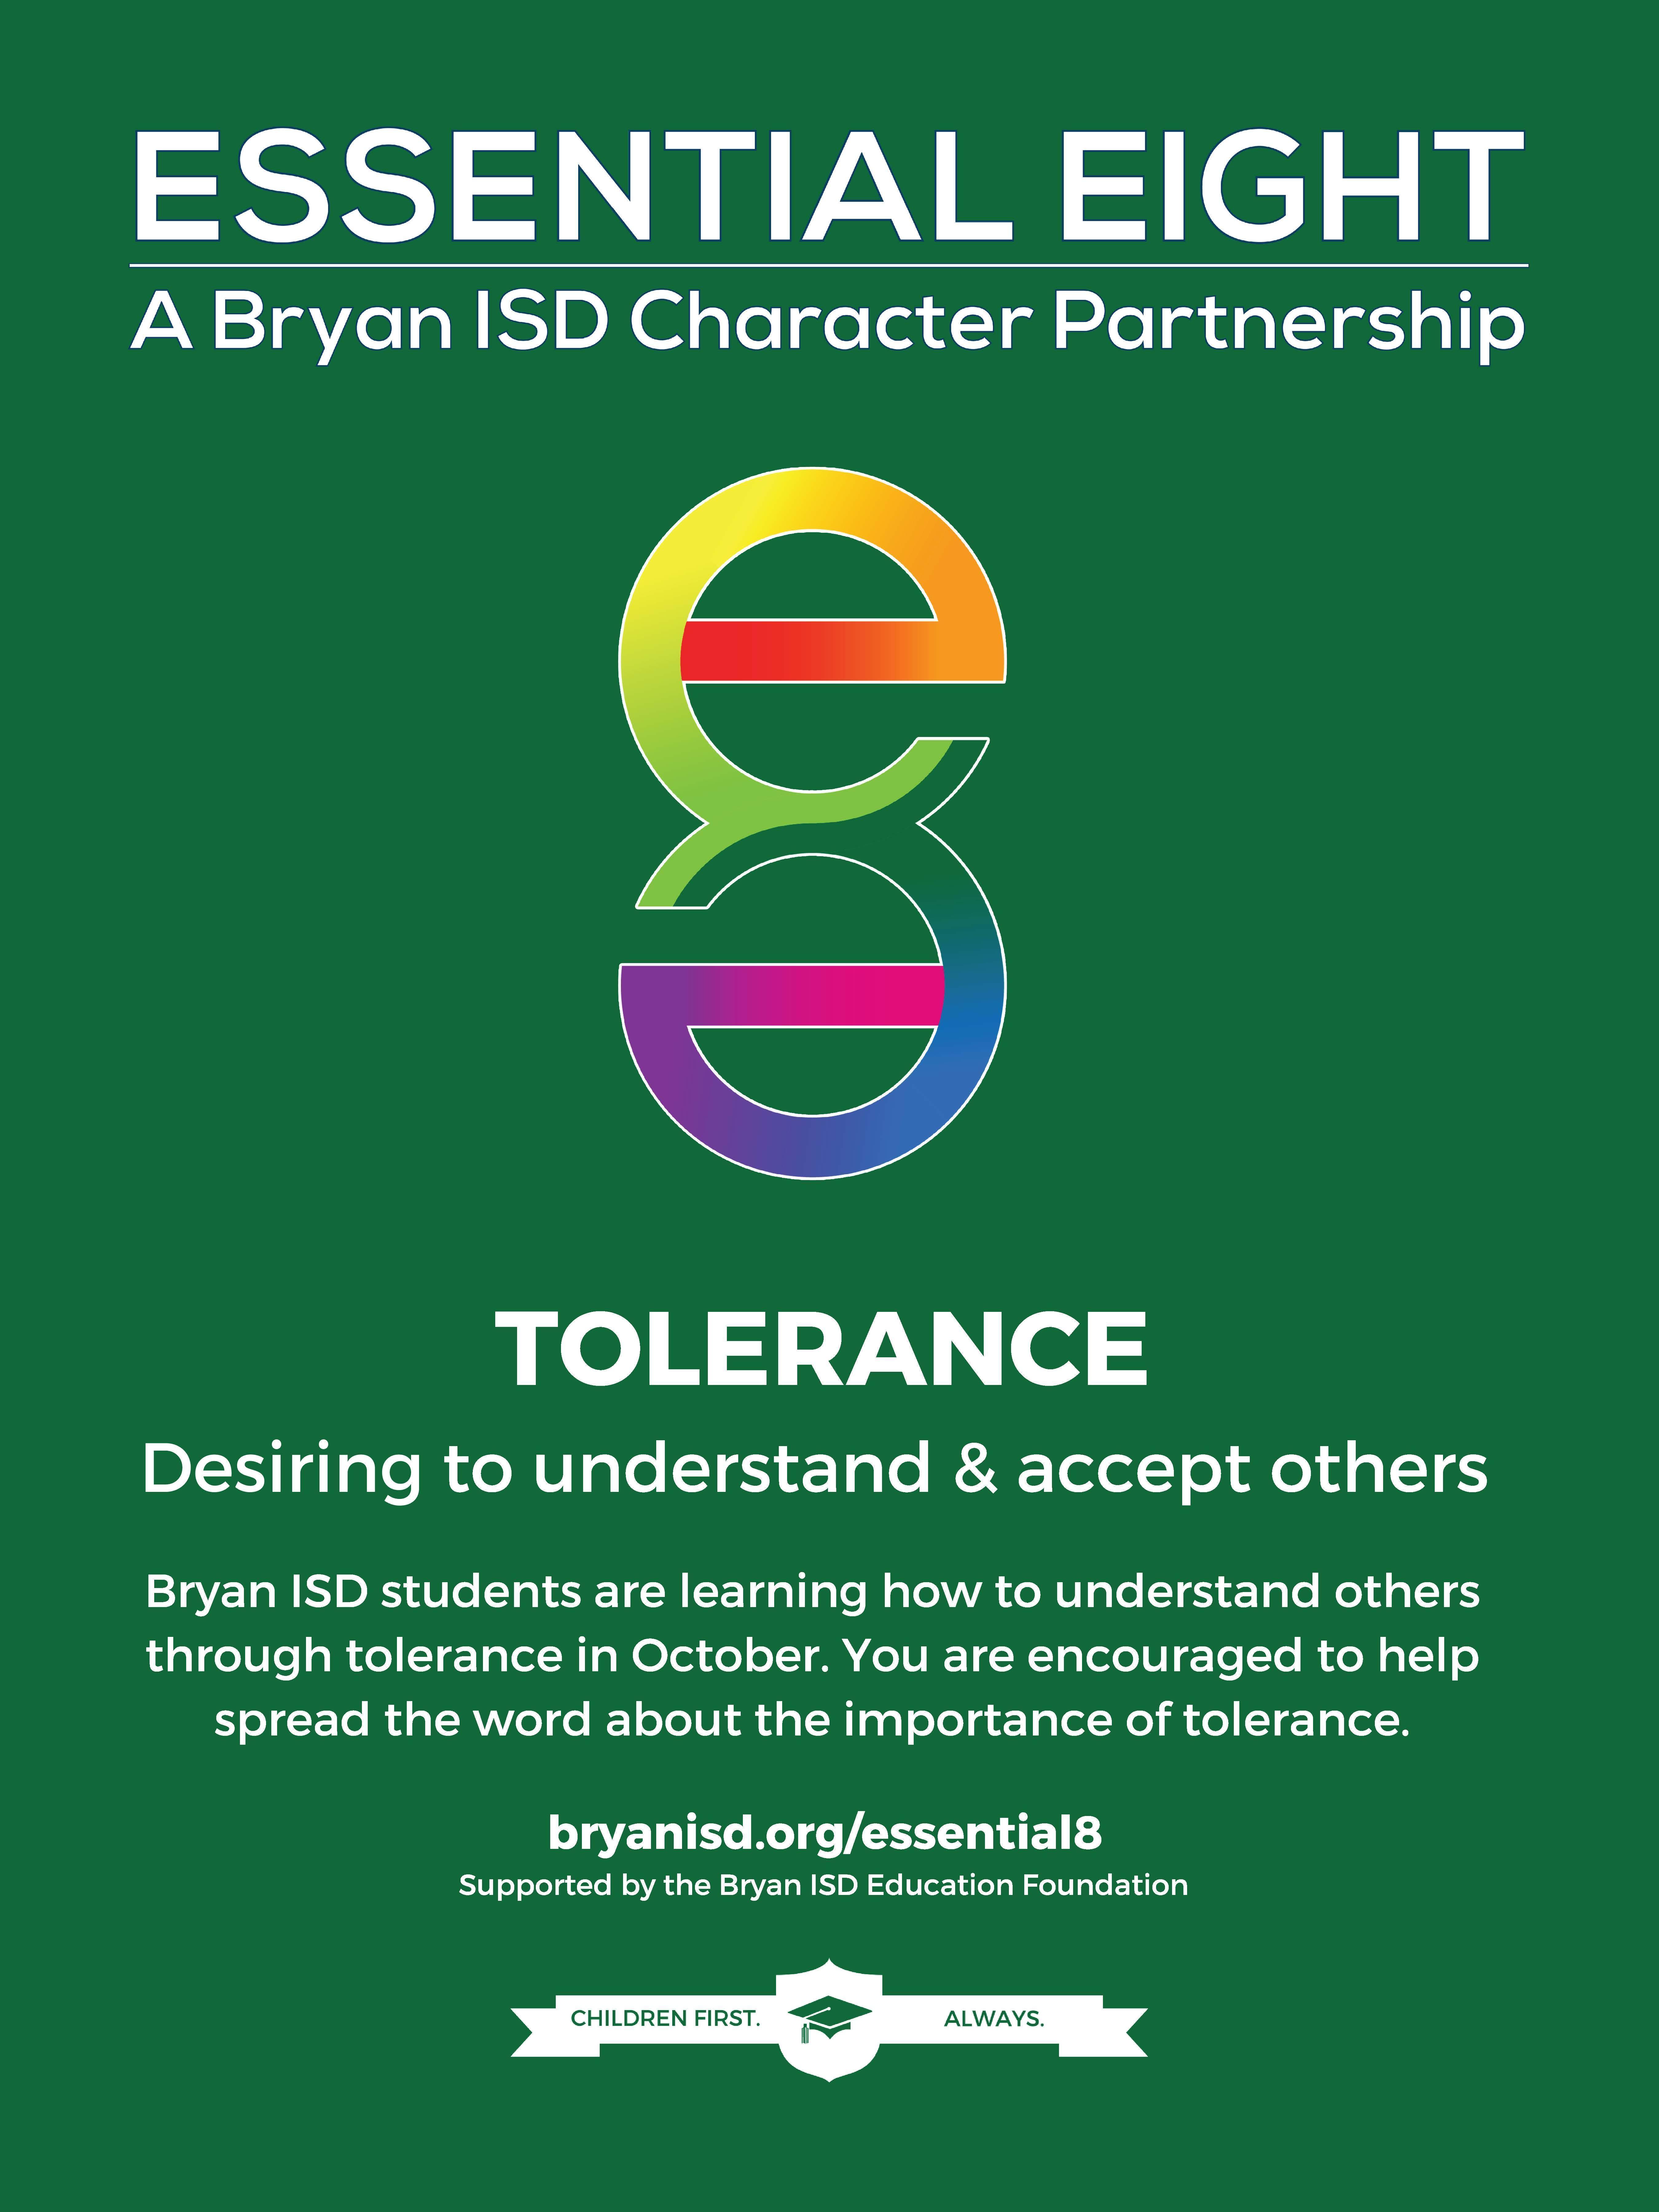 E8 Tolerance